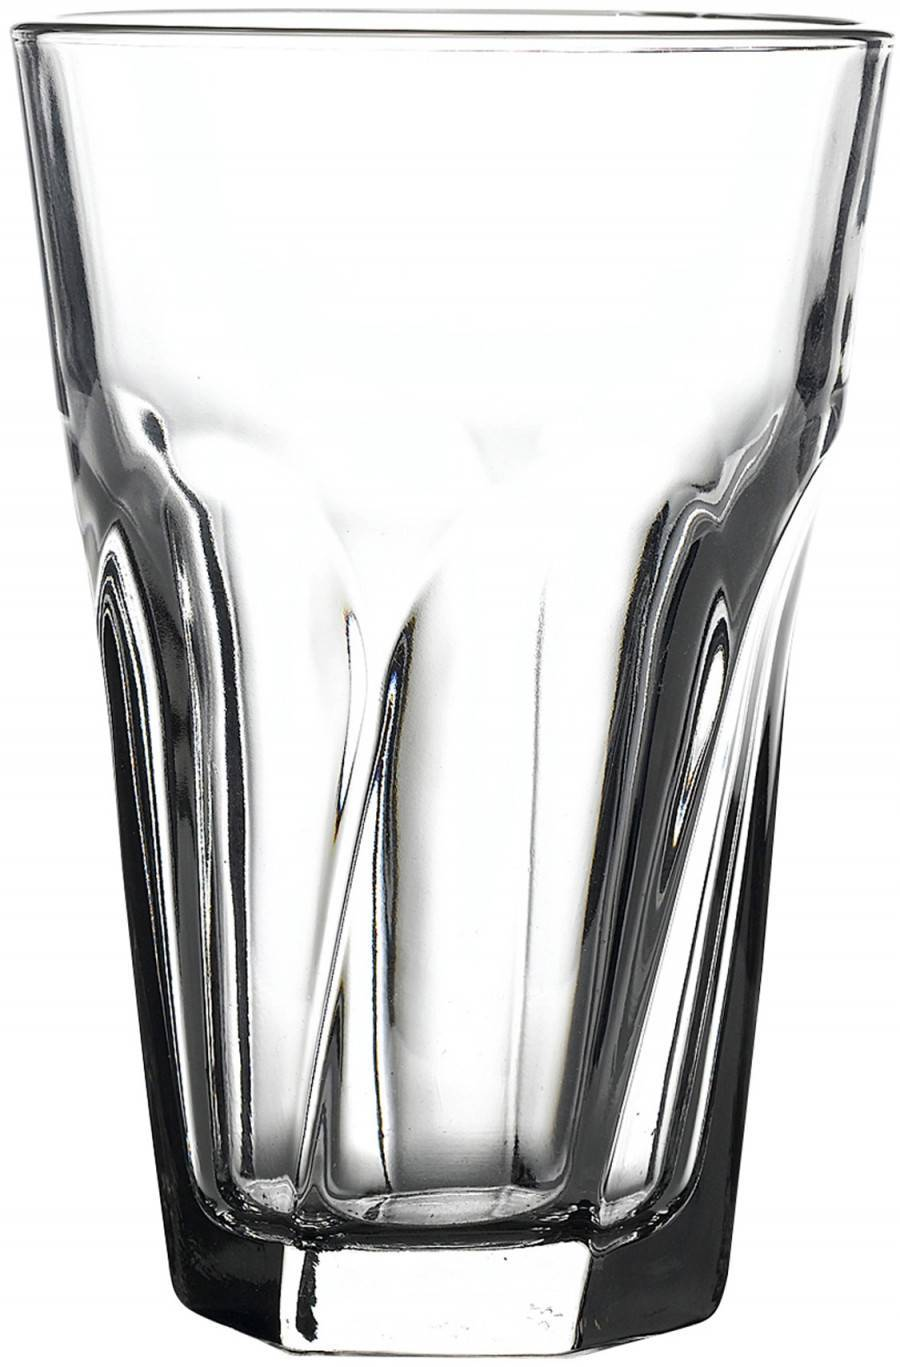 Флюте бокал: обзор лучших моделей и советы по выбору бокала оптимального объема (100 фото и видео)